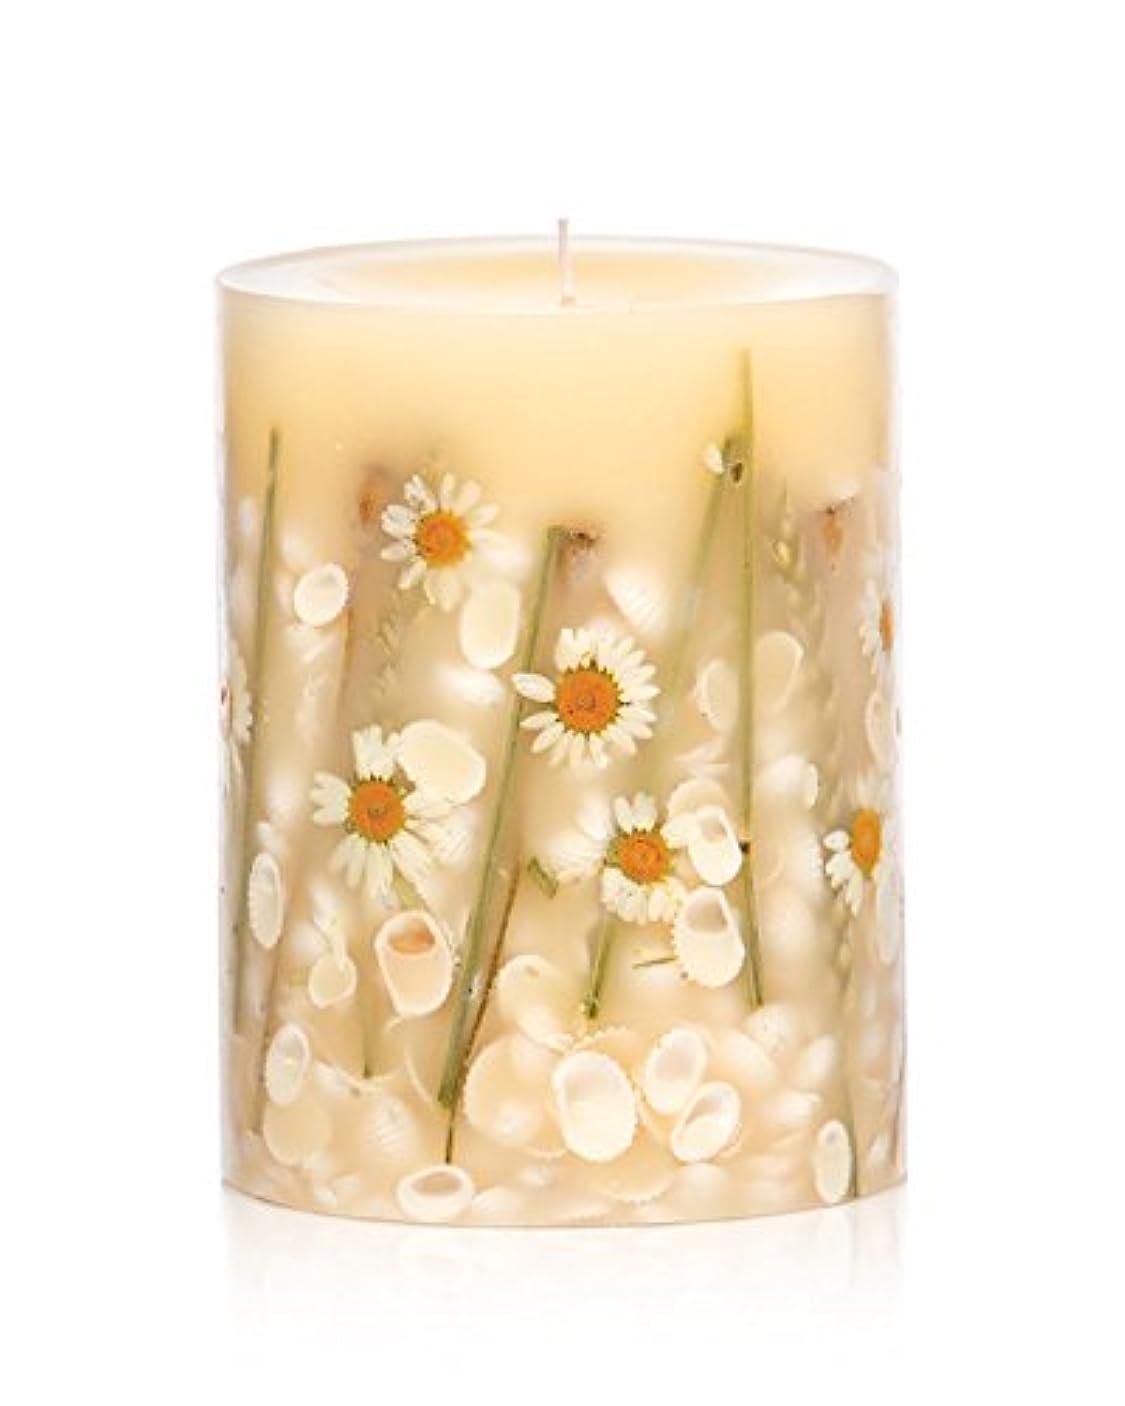 全国に対応リボンロージーリングス ボタニカルキャンドル ラウンド ビーチデイジー ROSY RINGS Round Botanical Candle Round – Beach Daisy